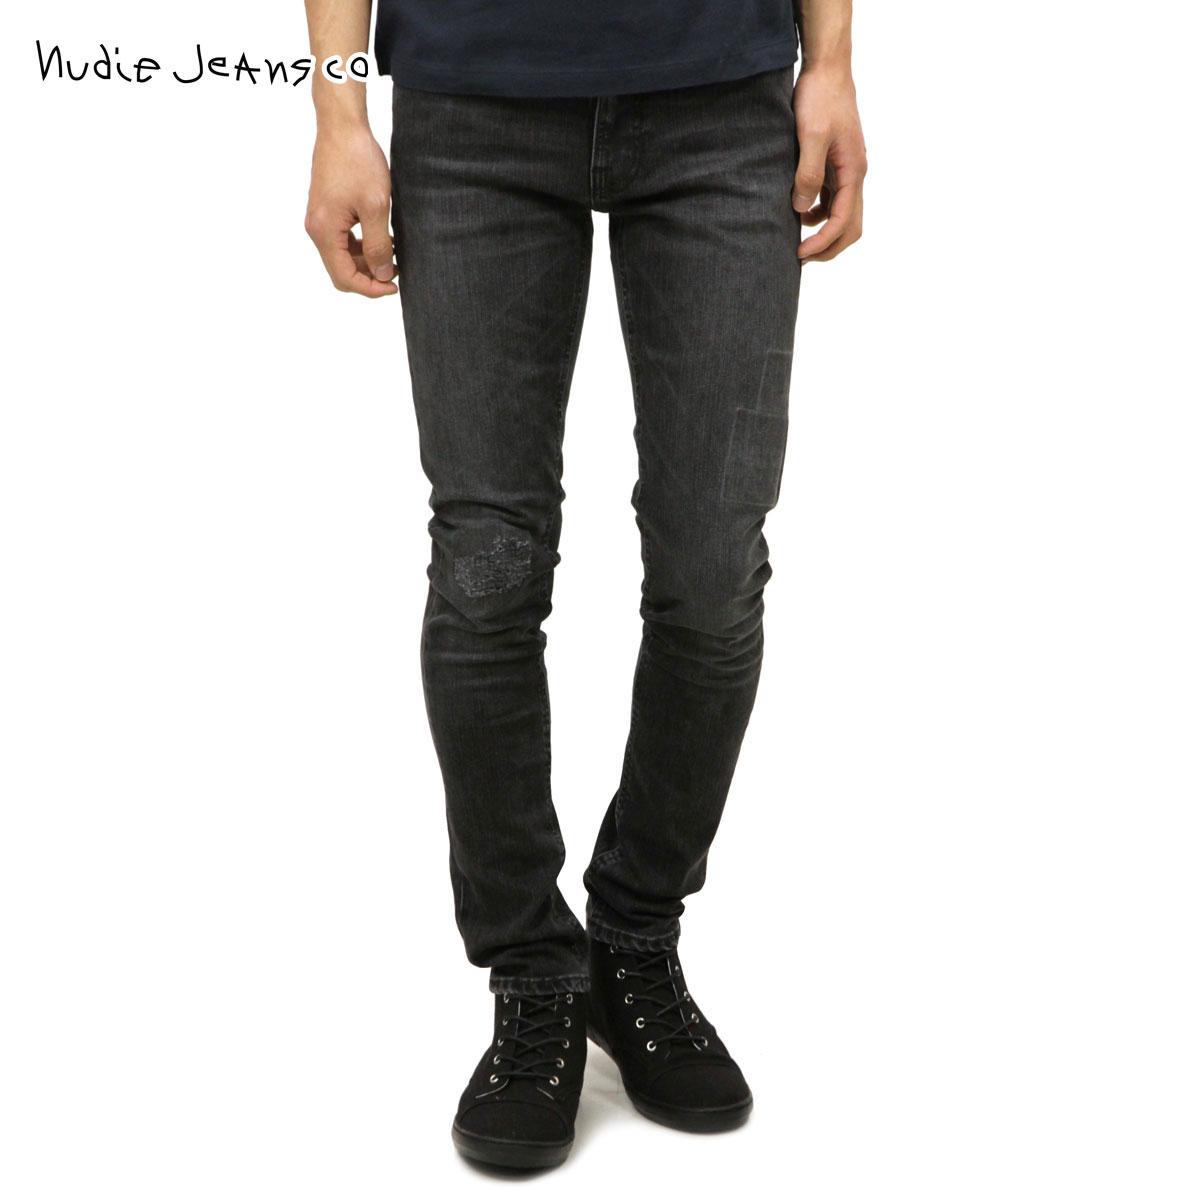 【販売期間 11/12 10:00~11/21 09:59】 ヌーディージーンズ Nudie Jeans 正規販売店 メンズ ジーンズ Lean Dean 654 Grey Patch 112144 D00S15